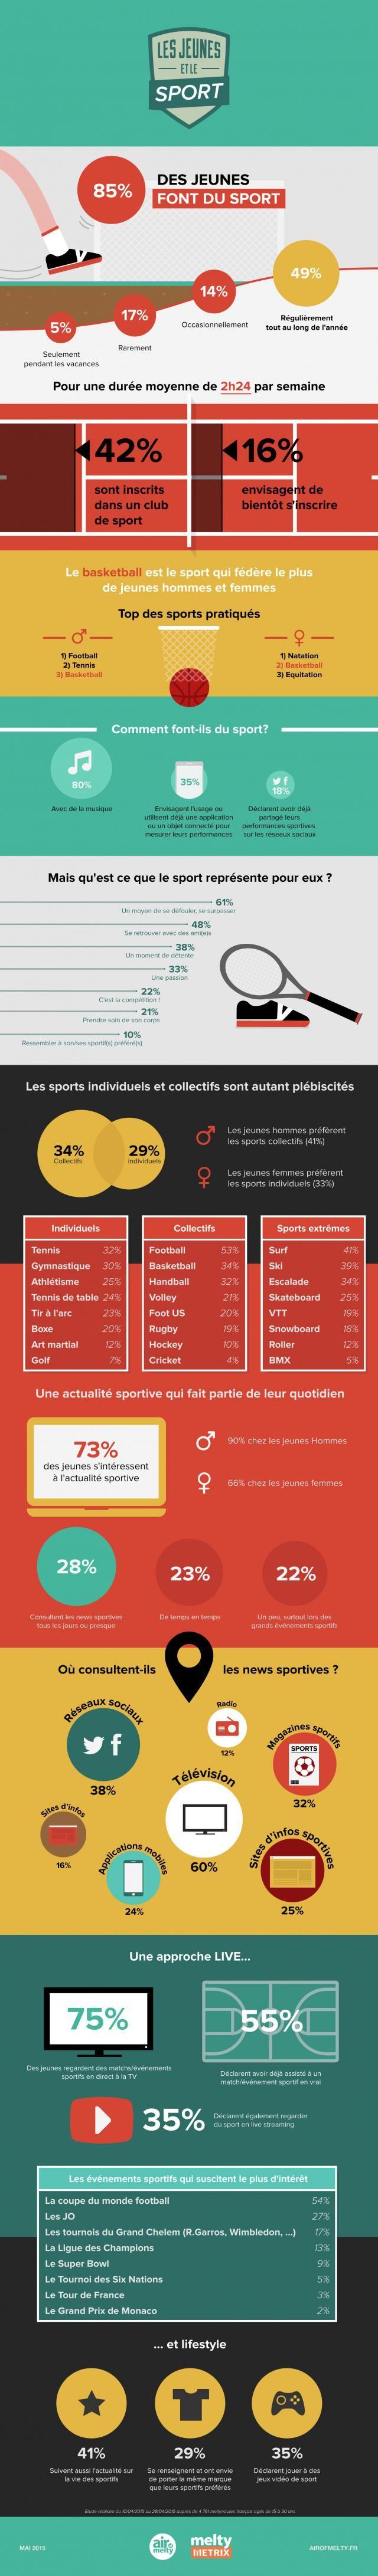 infographie, jeunes et sport, data, meltymetrix, étude, pratiques, valeurs